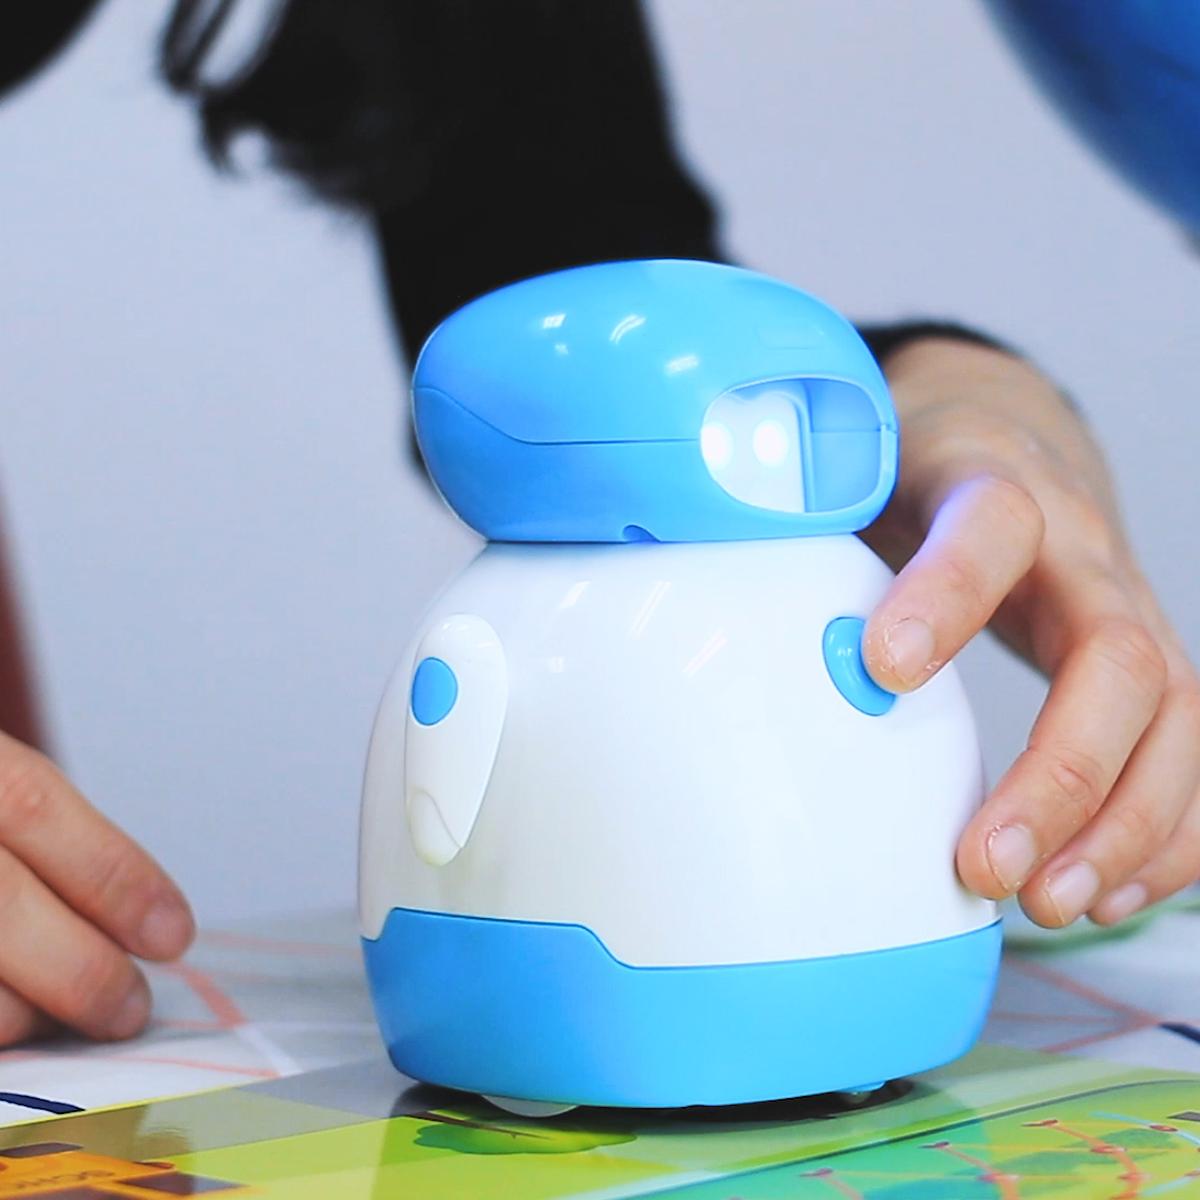 「コーディングロボット クリス」が朝日新聞で紹介されました